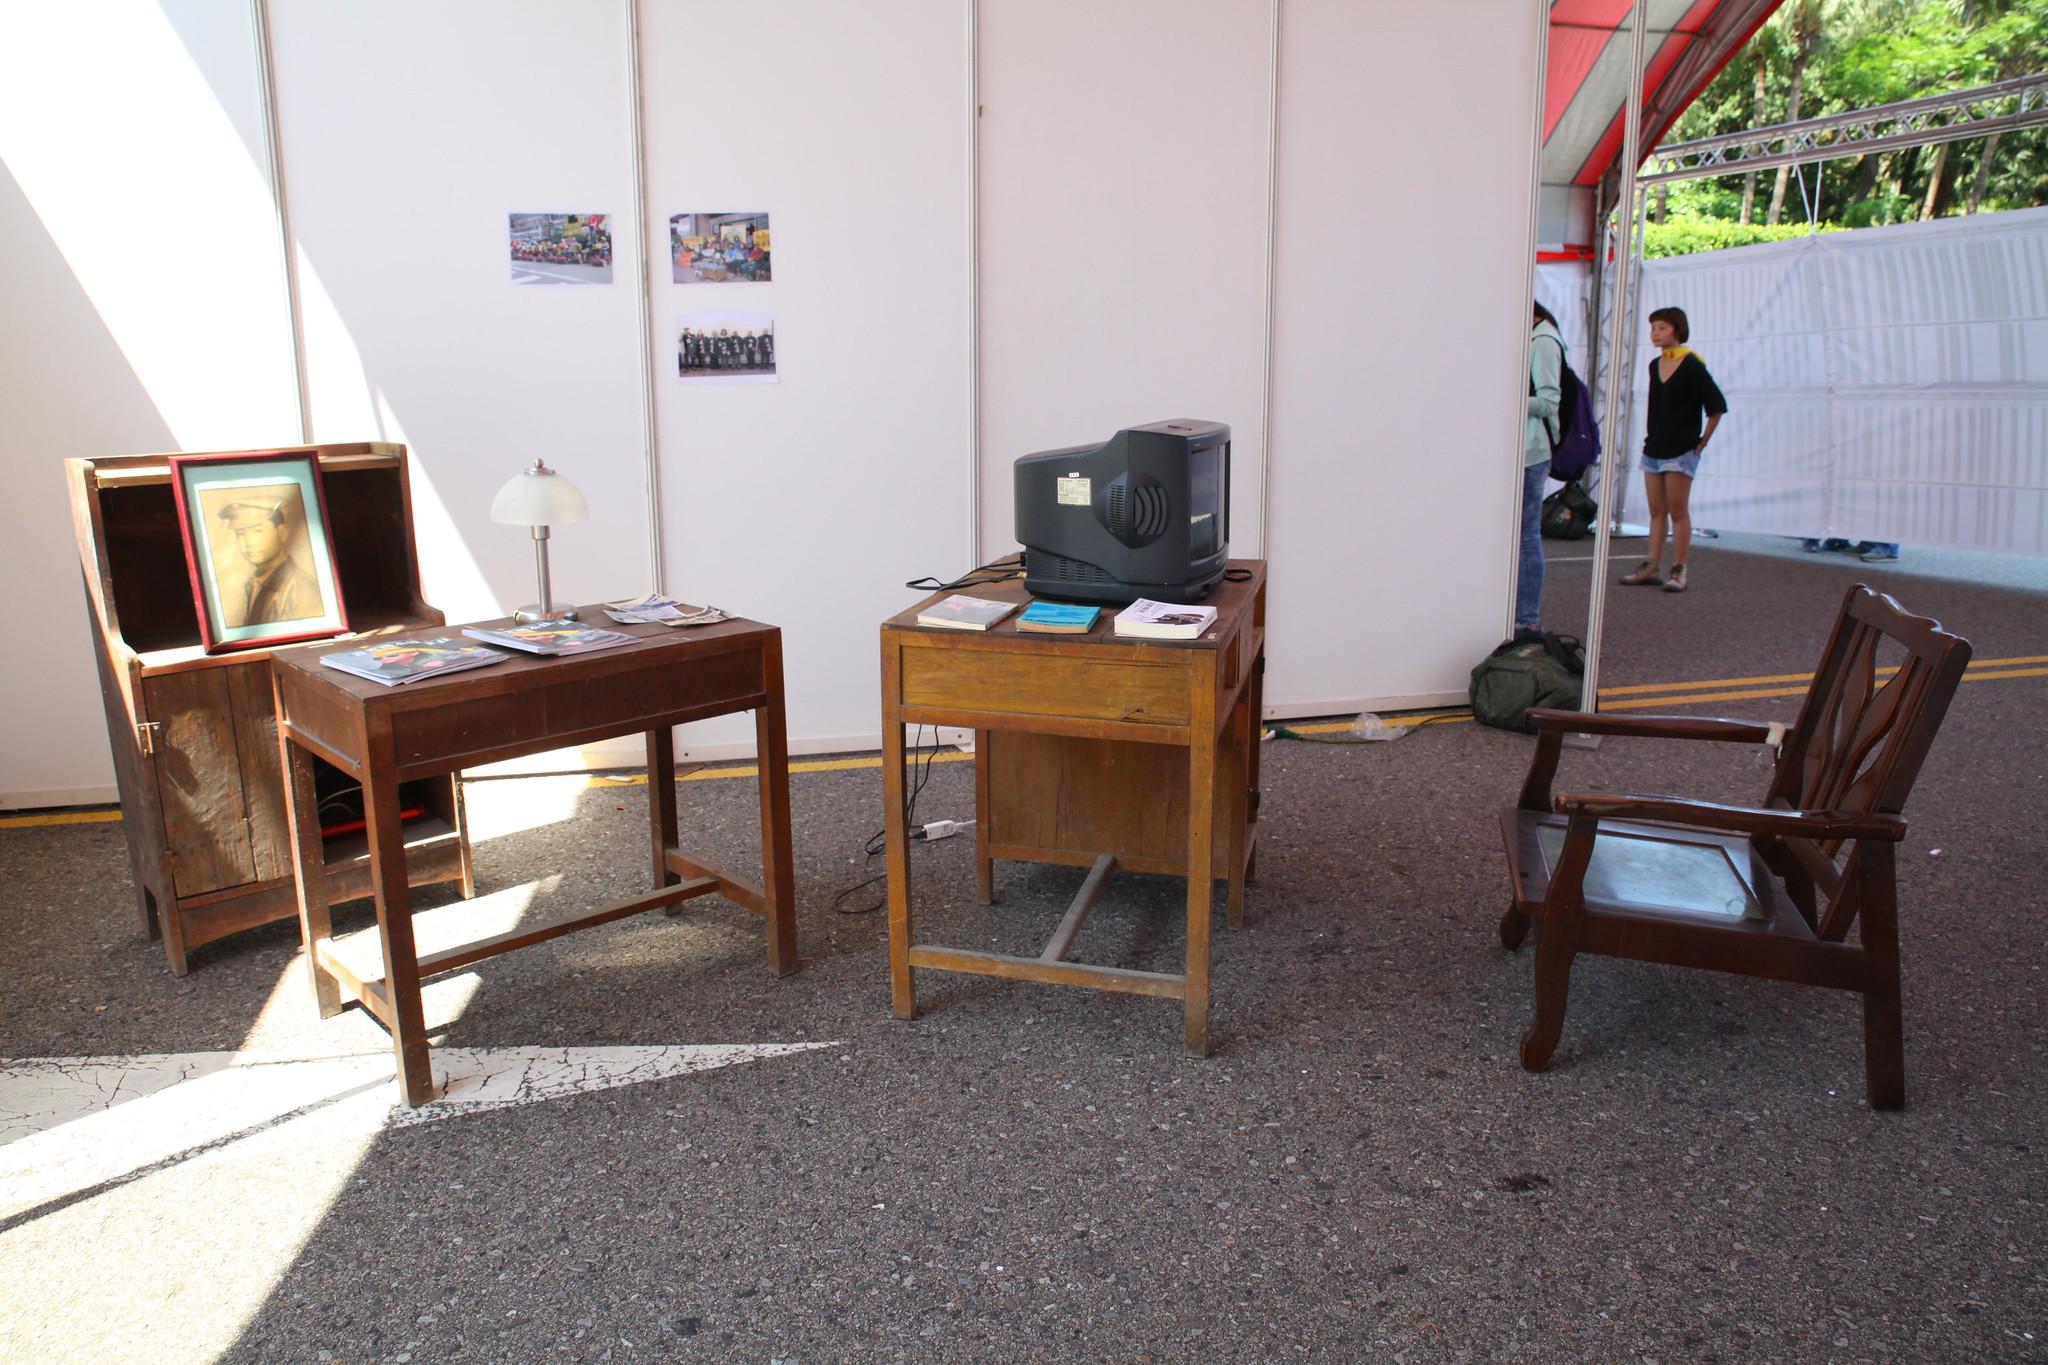 樂生院民湯祥明留在舊院區的傢具,於樂生重建現場展出。(攝影:陳逸婷)